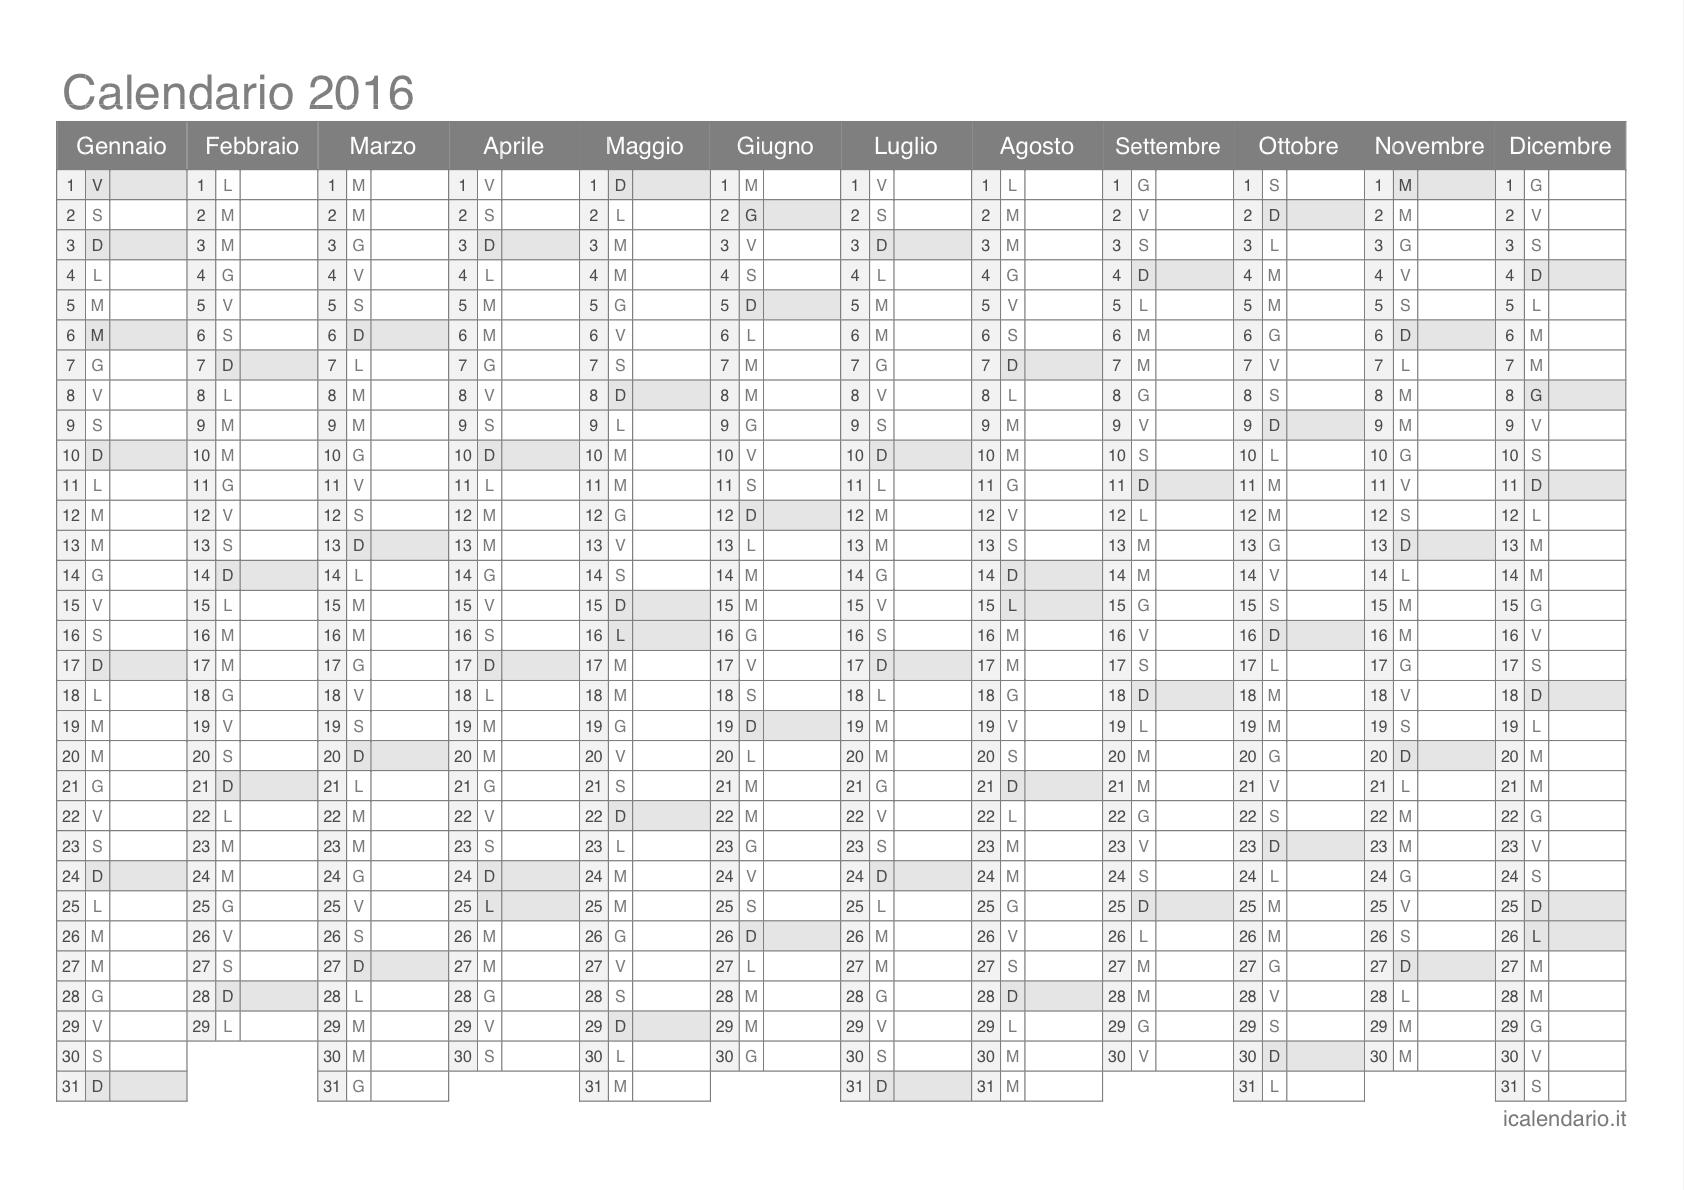 Calendario 2016 da stampare iCalendario.it